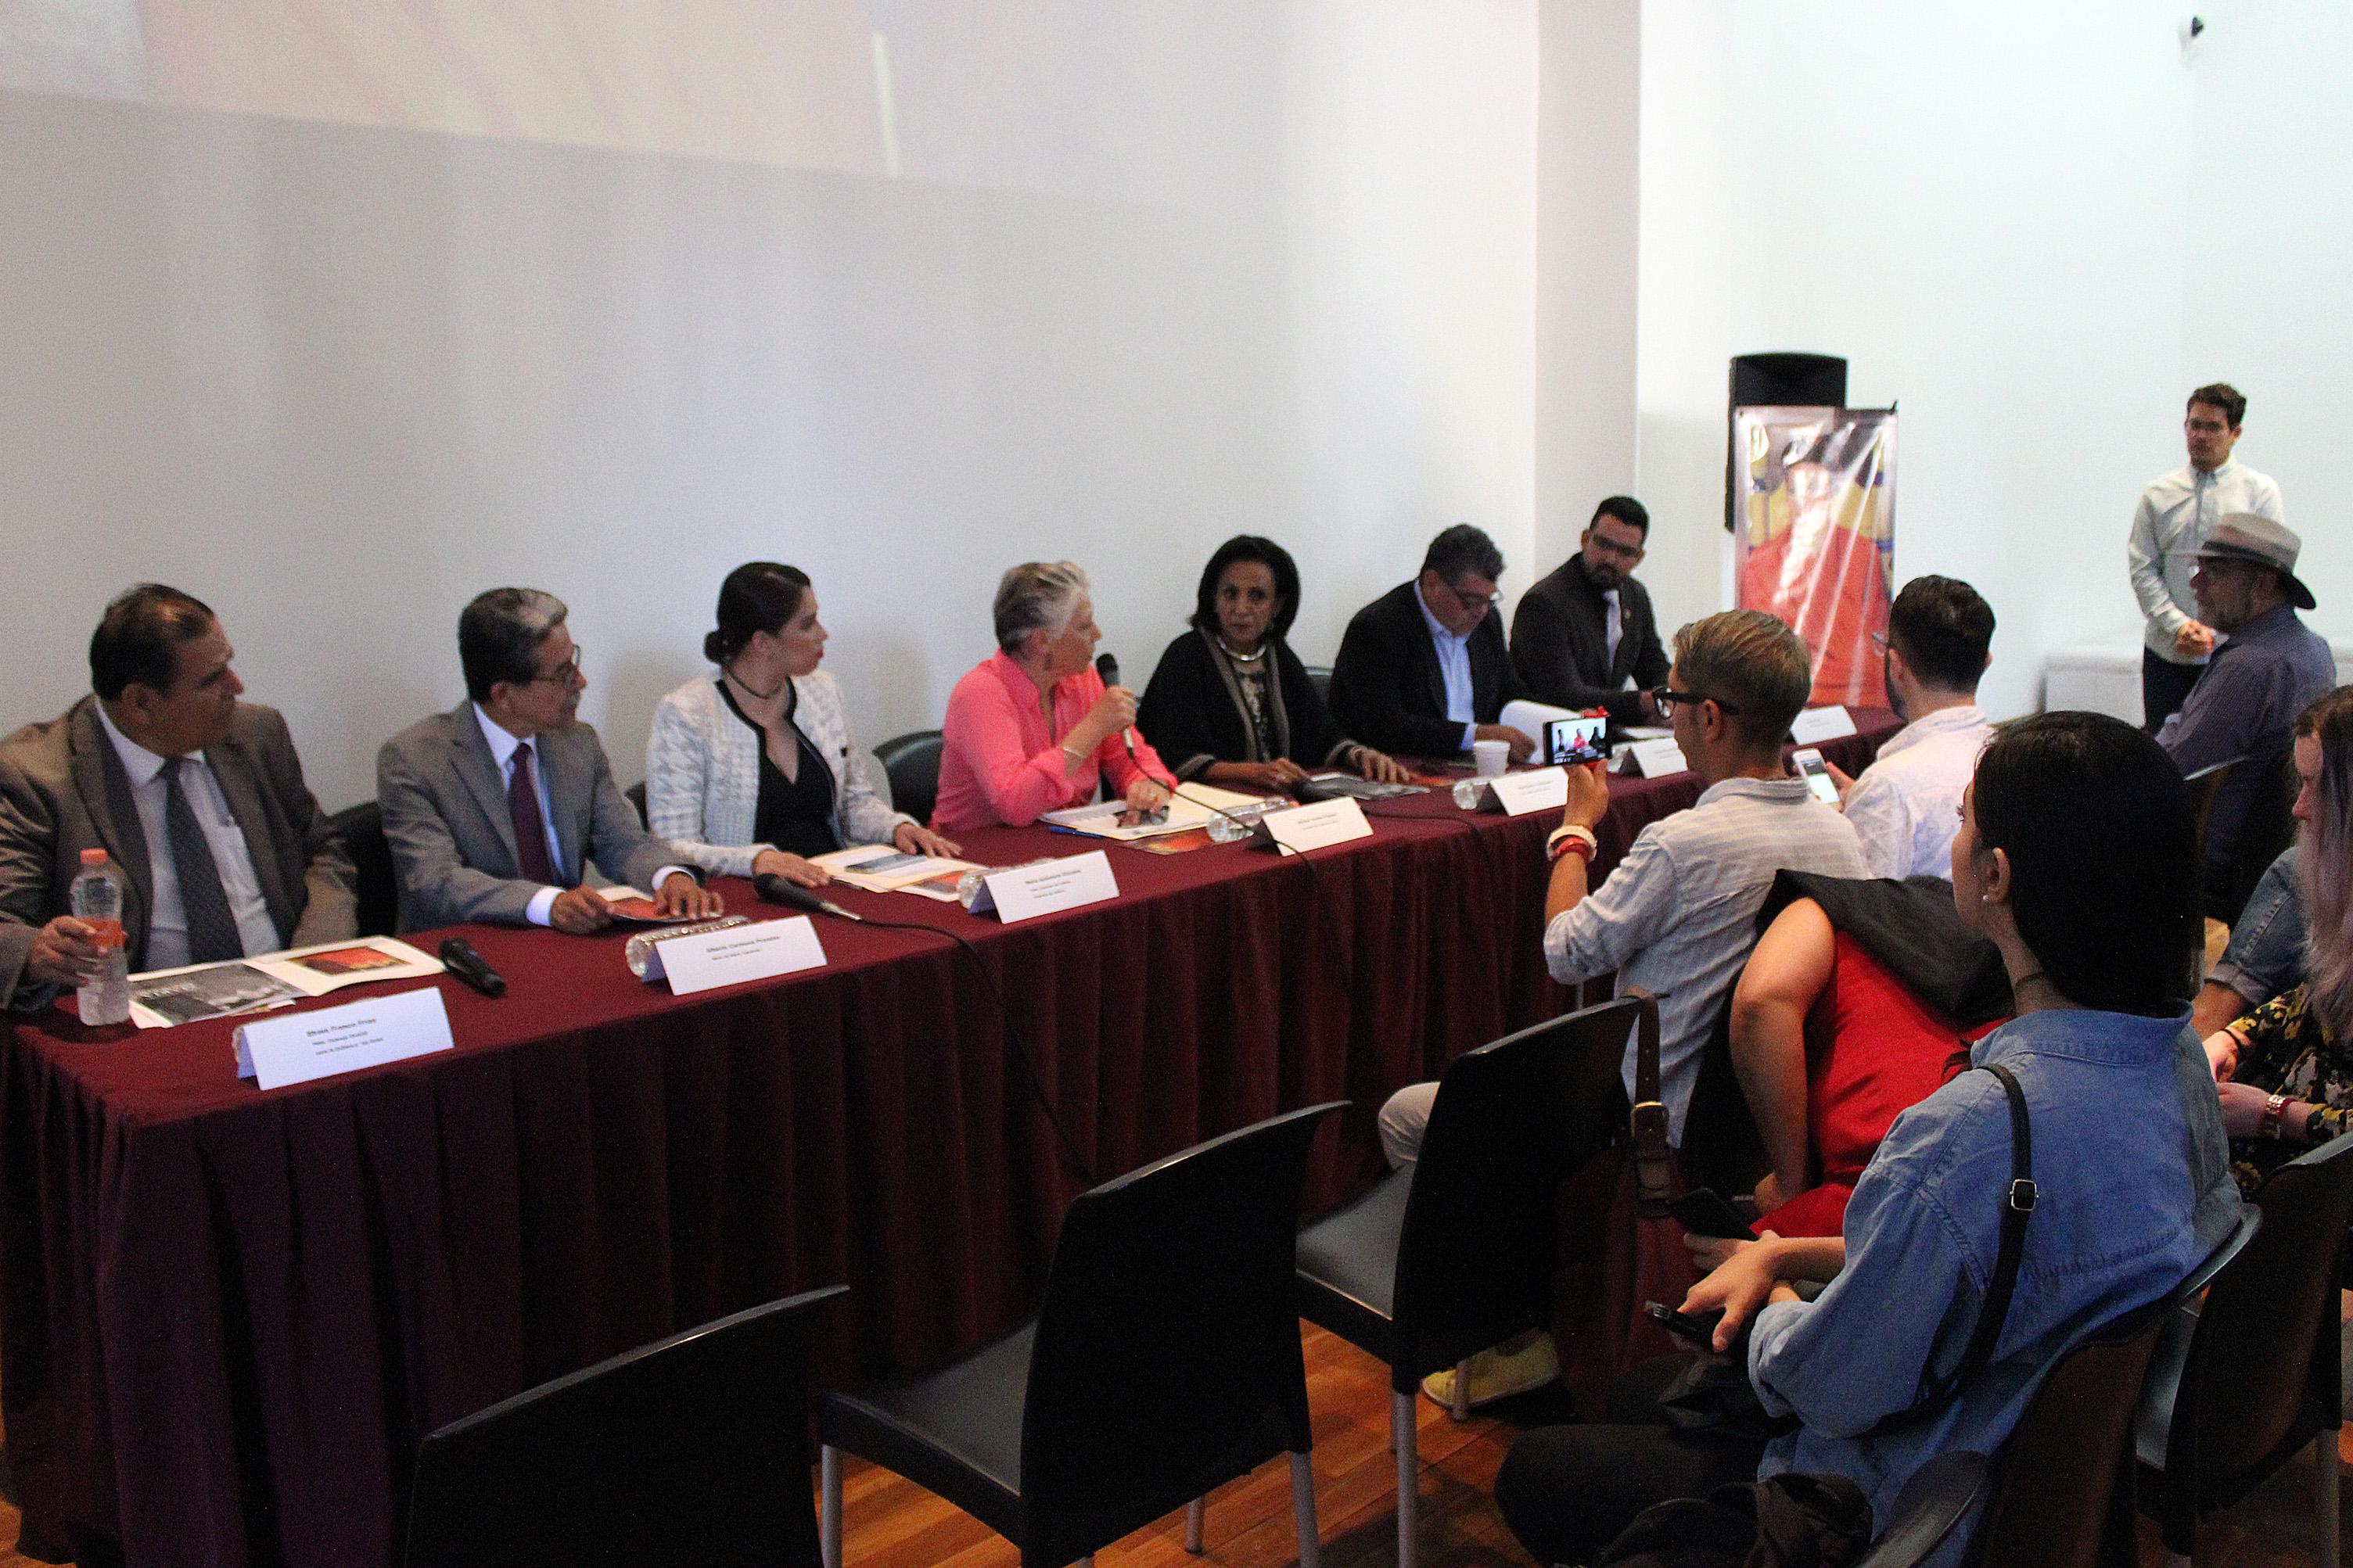 Abierta convocatoria para la Primera Bienal de Pintura María Izquierdo